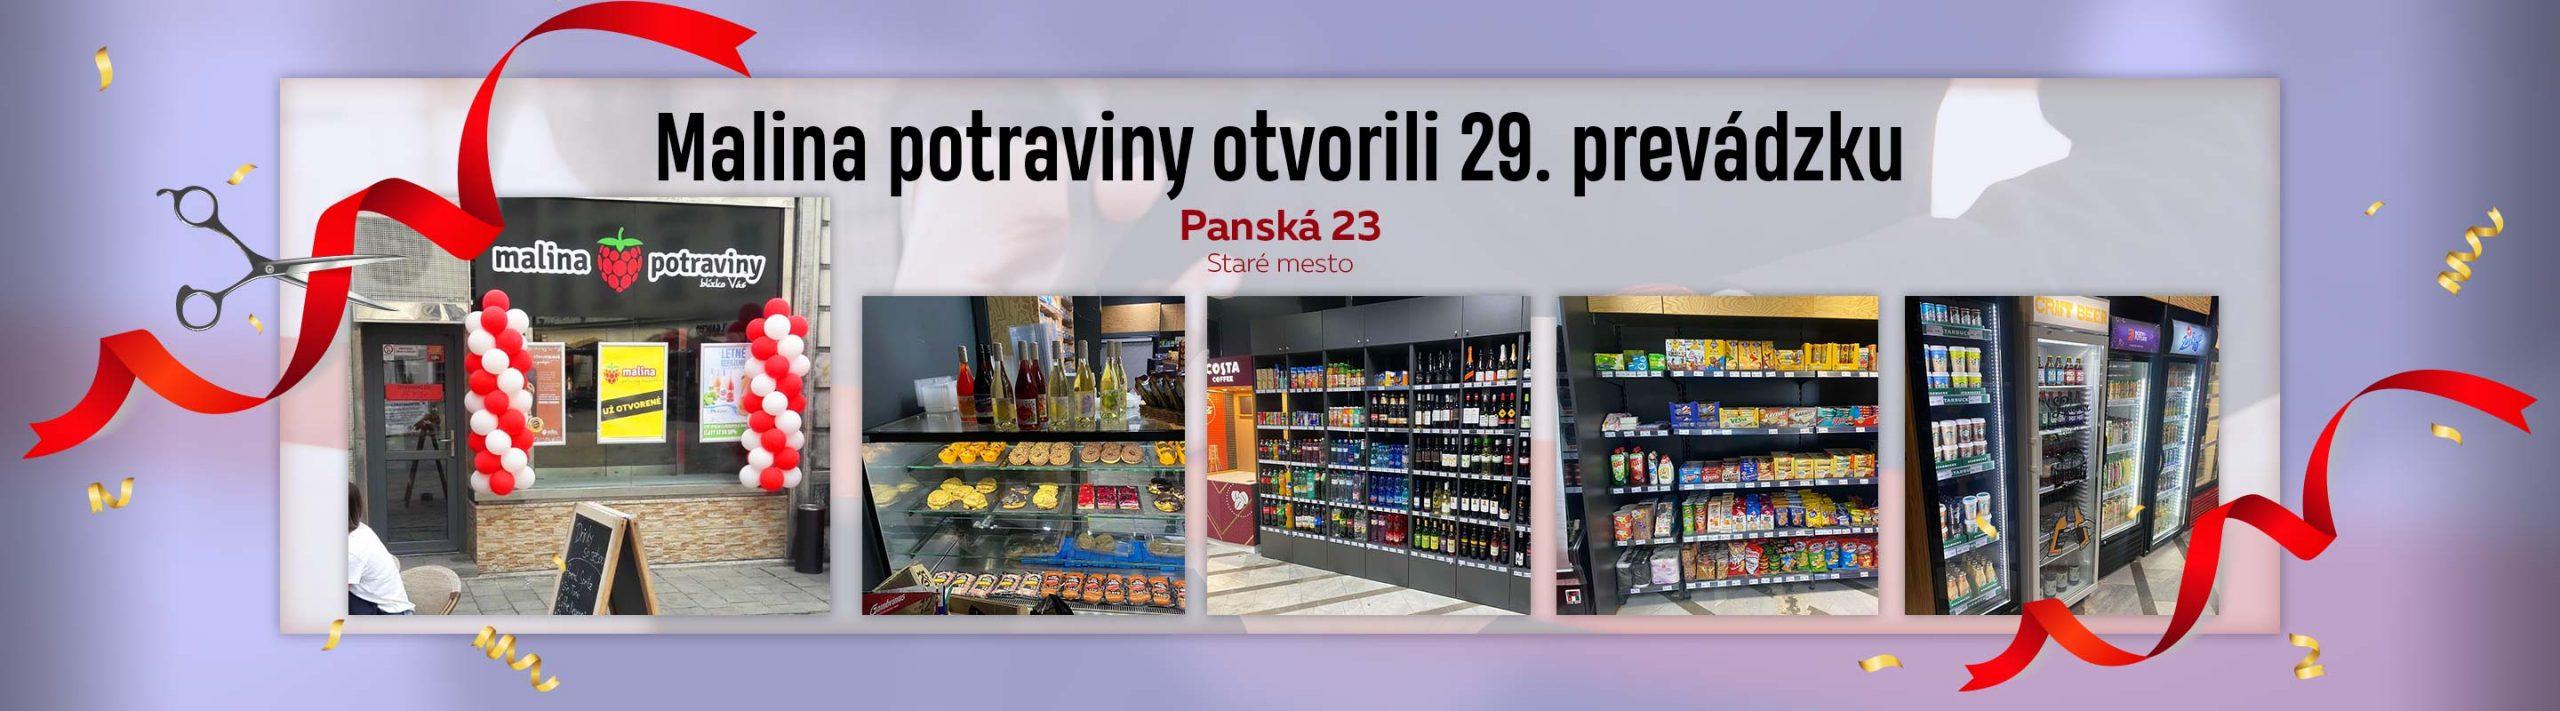 panska-web-banner-1